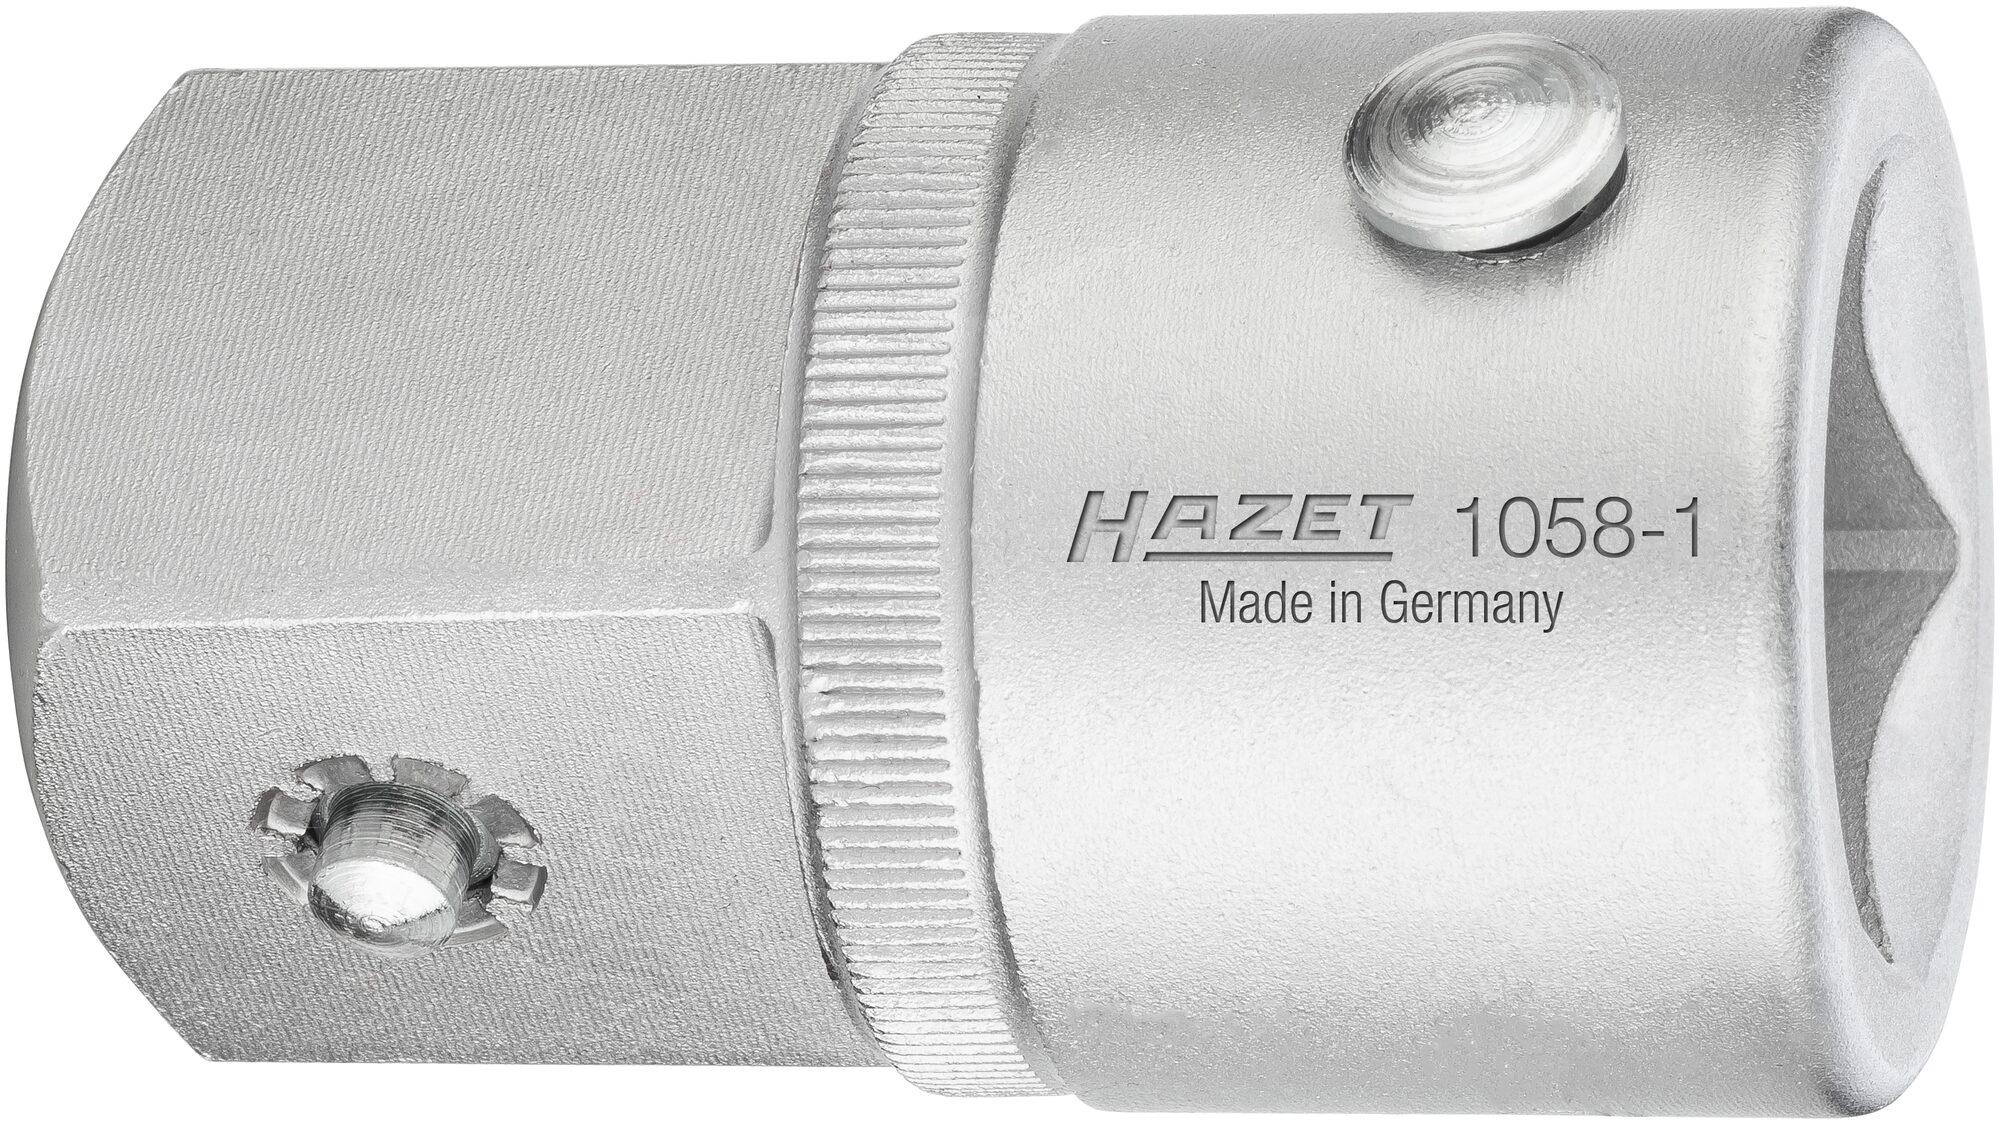 HAZET Vergrößerungsstück 1058-1 ∙ Vierkant hohl 20 mm (3/4 Zoll) ∙ Vierkant massiv 25 mm (1 Zoll)